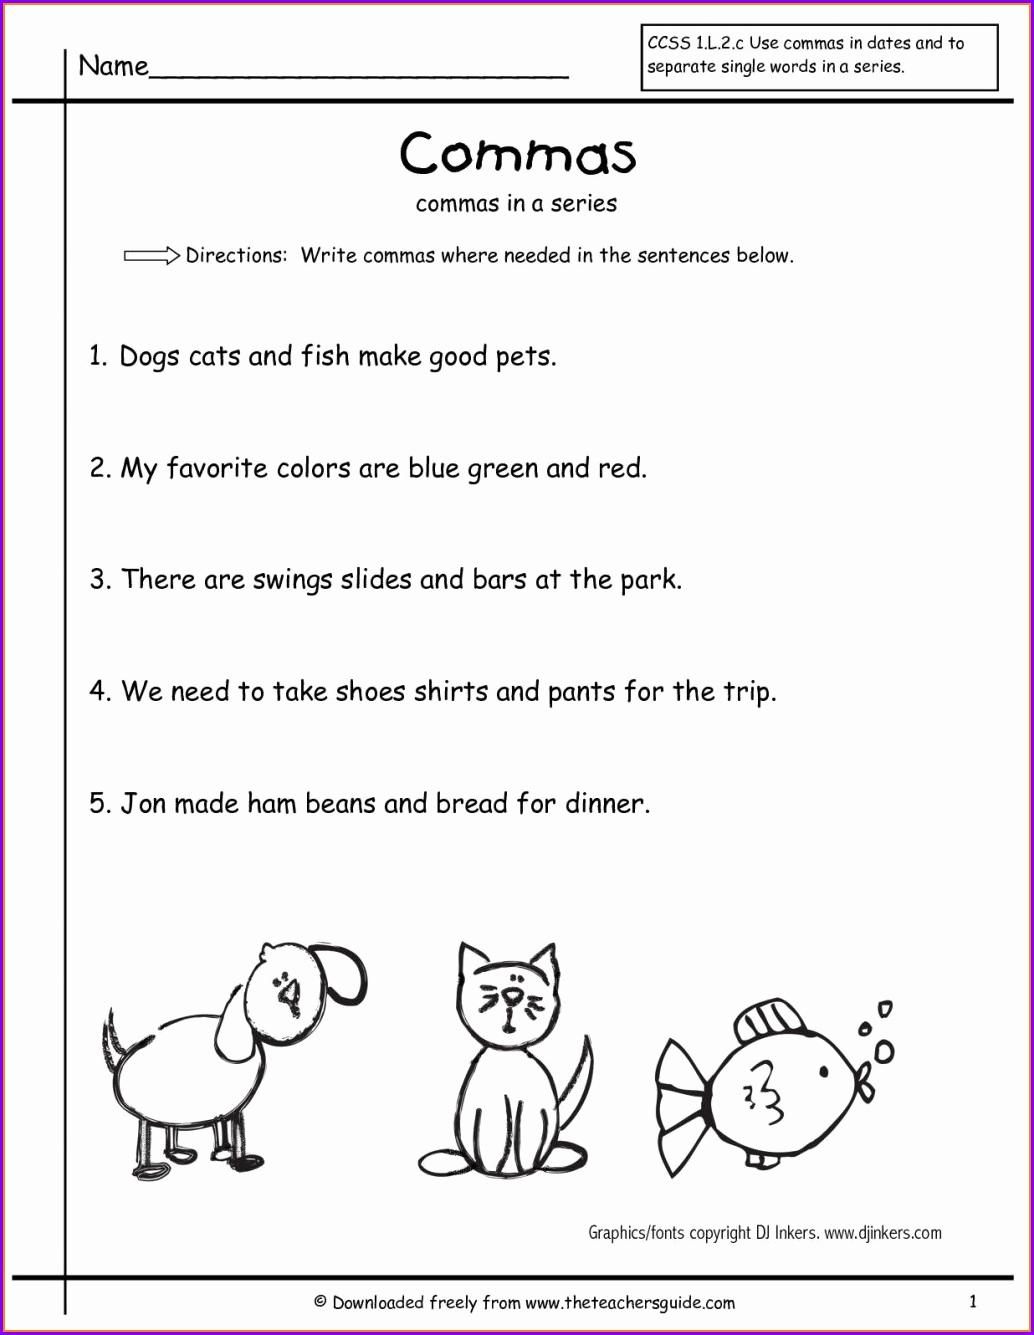 Commas Worksheet 5th Grade Luxury 5th Grade Worksheet Mas Worksheet Resume Examples